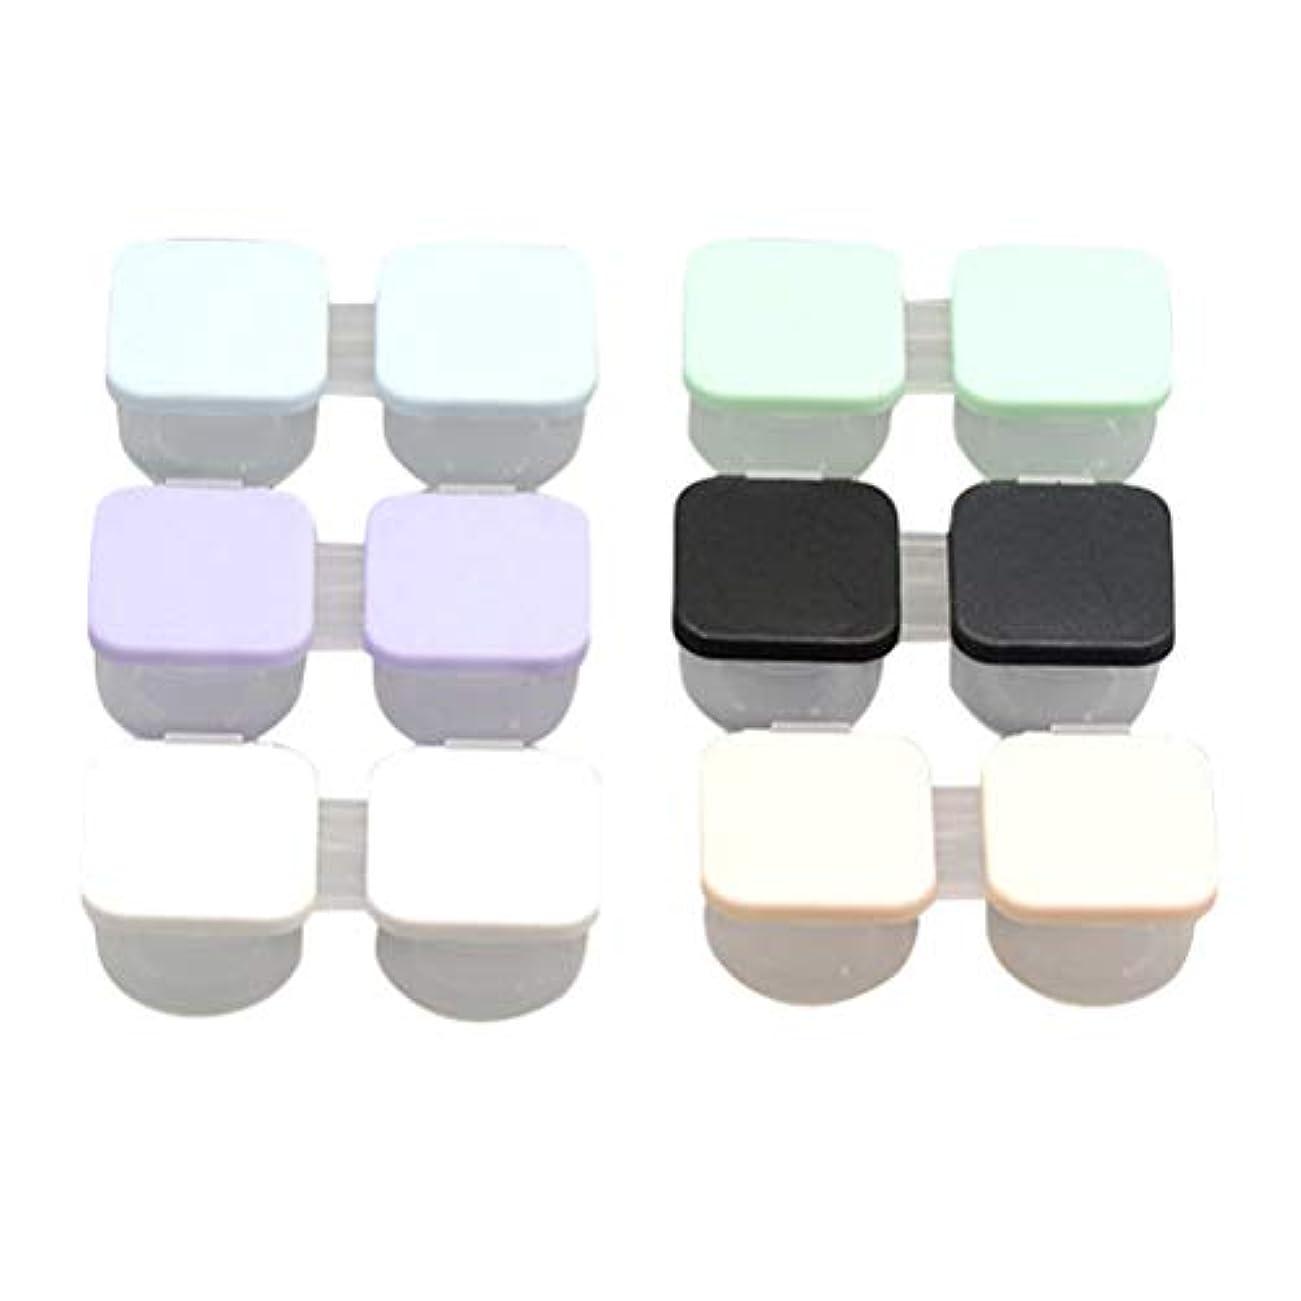 ベーカリー国歌乳SUPVOX コンタクトケース ケアパレット 保存ケース プラスチック製 軽量 安全6個入(混色)